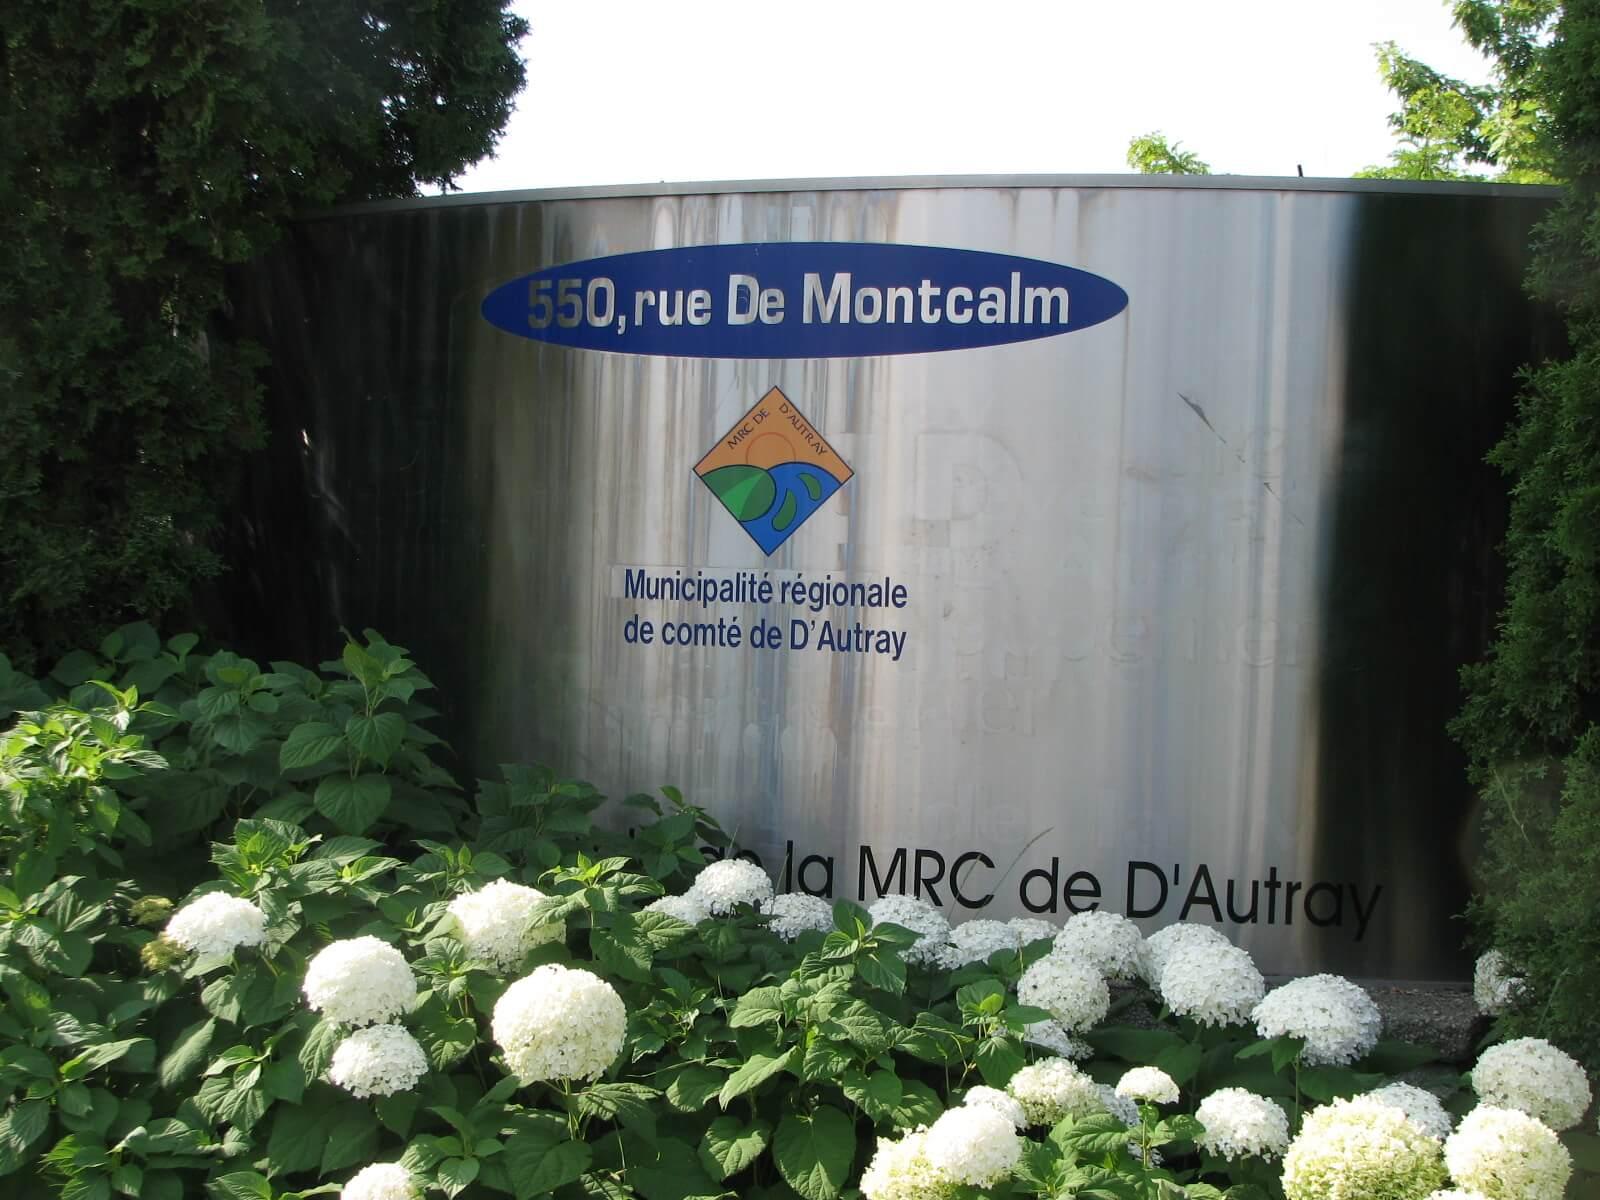 affiche MRC de D'Autray